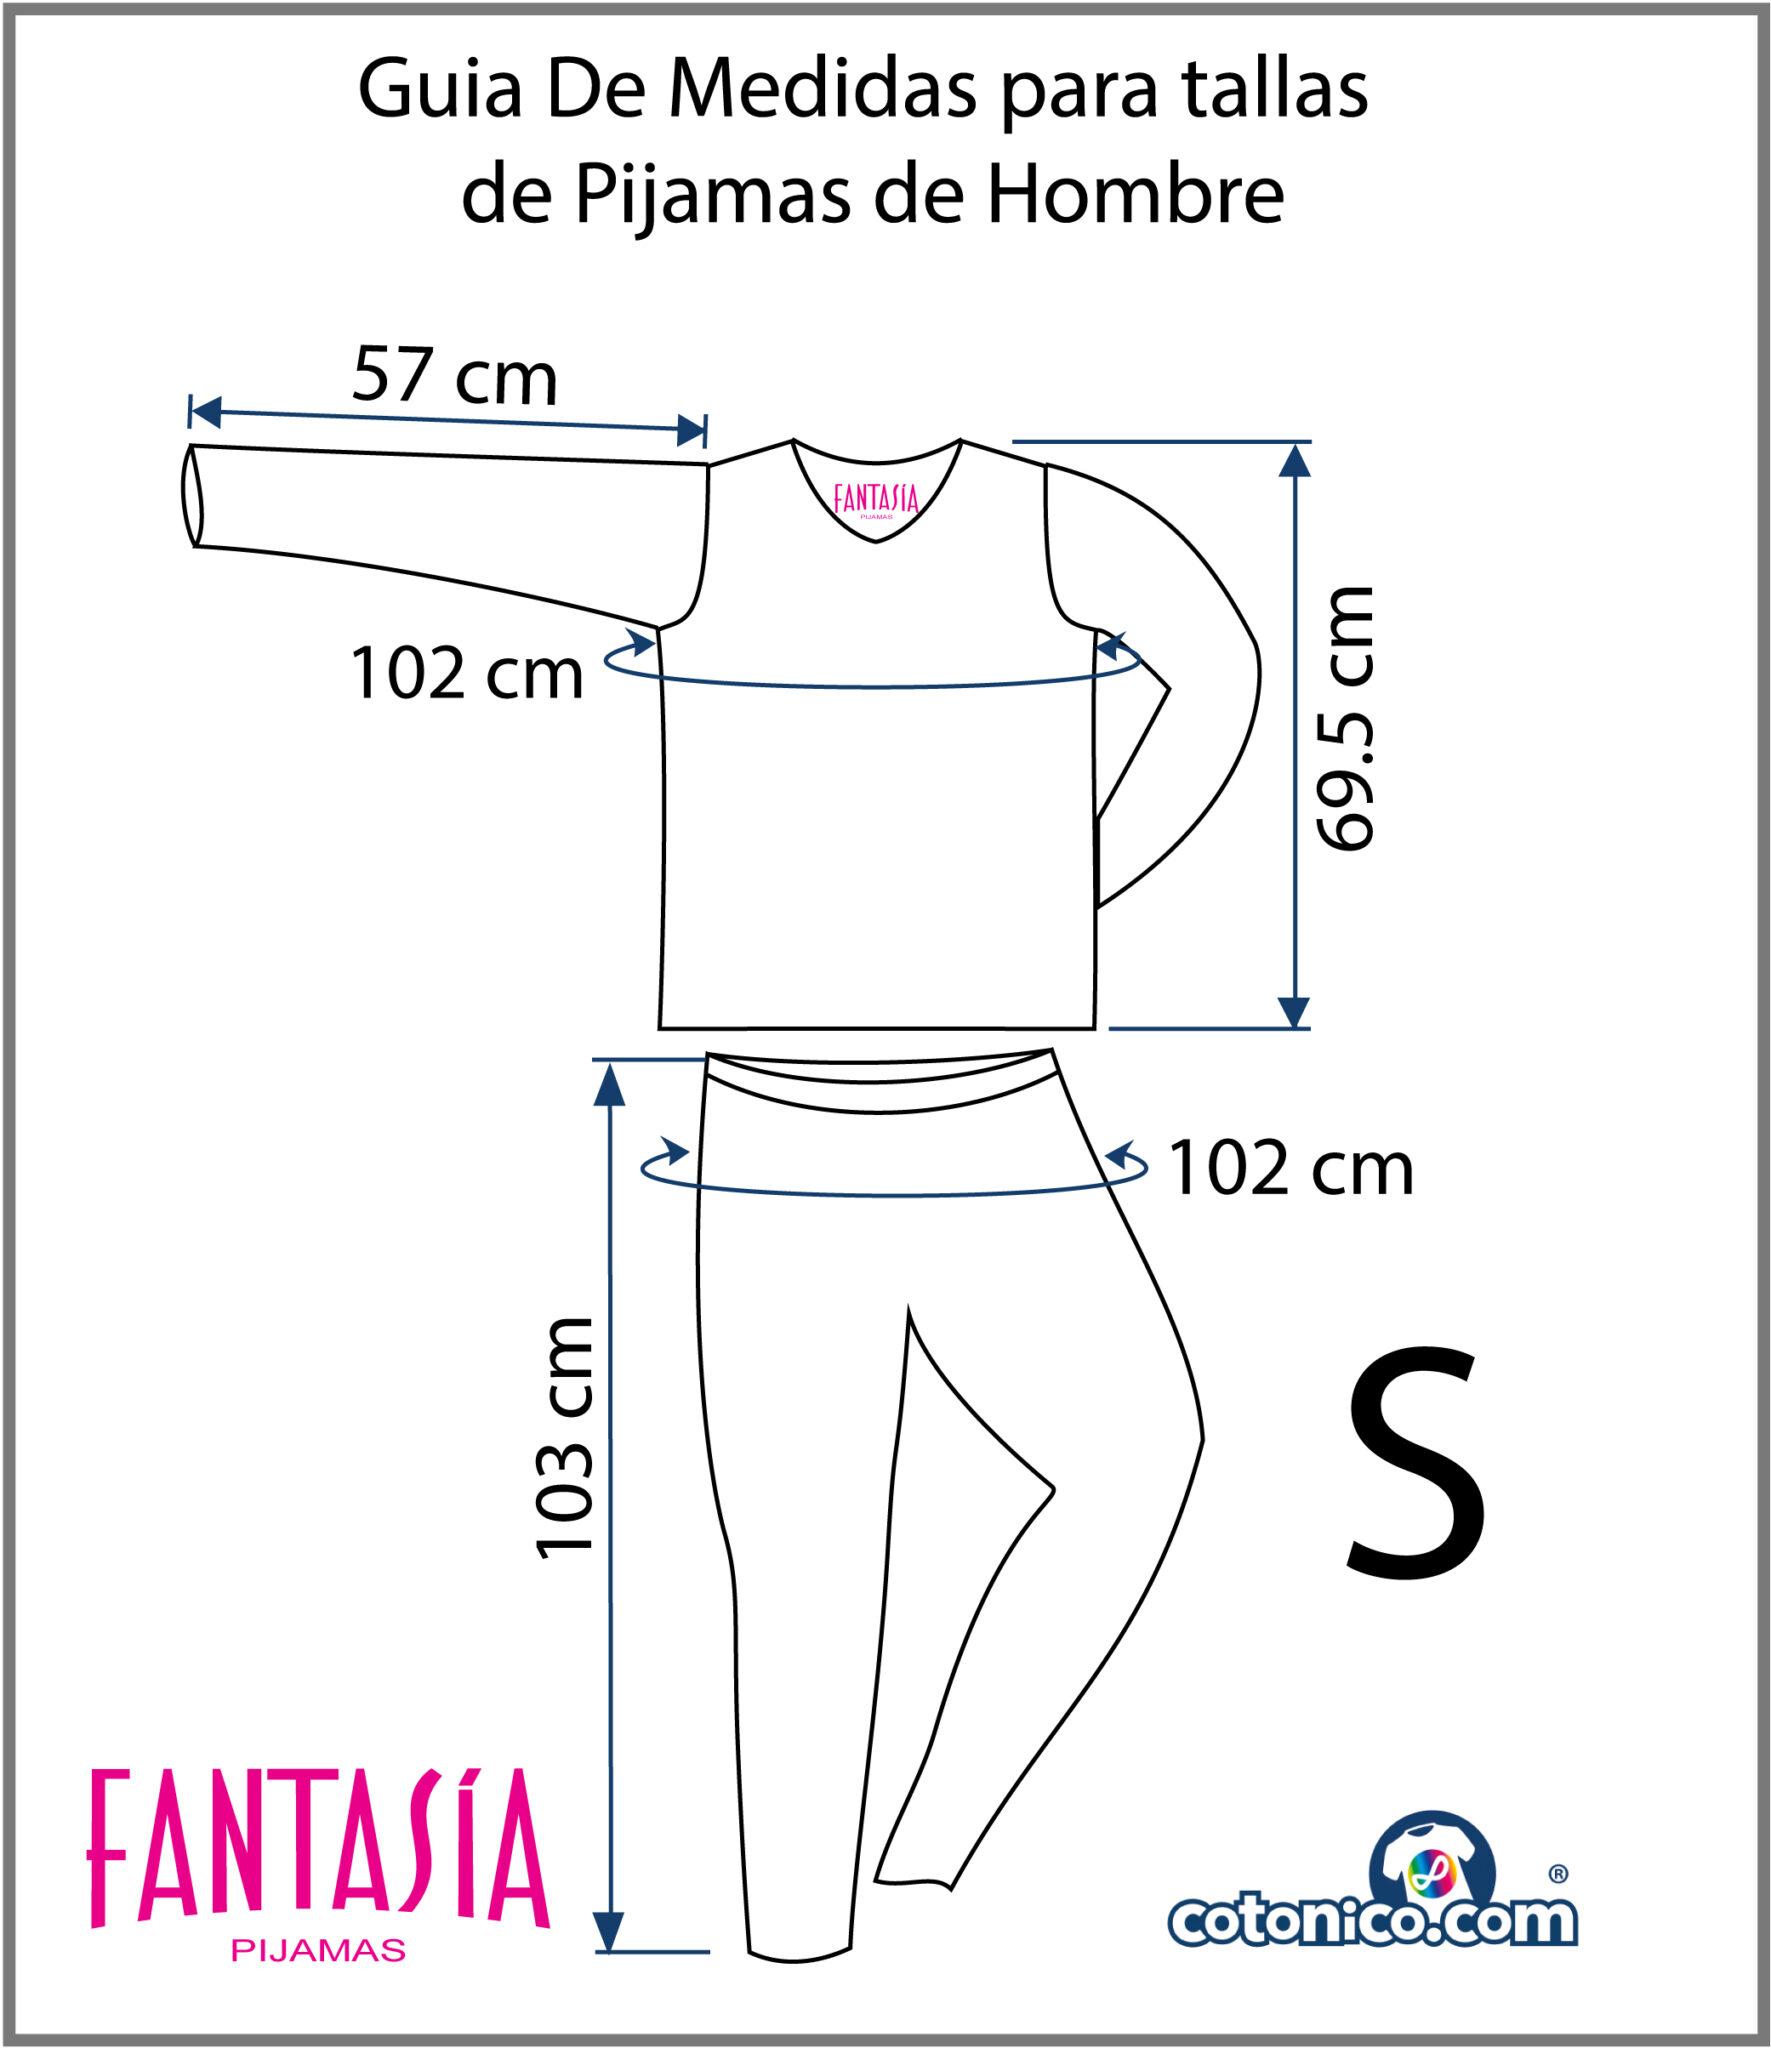 Guia-De-Tallas-Pijamas-De-Hombre-S